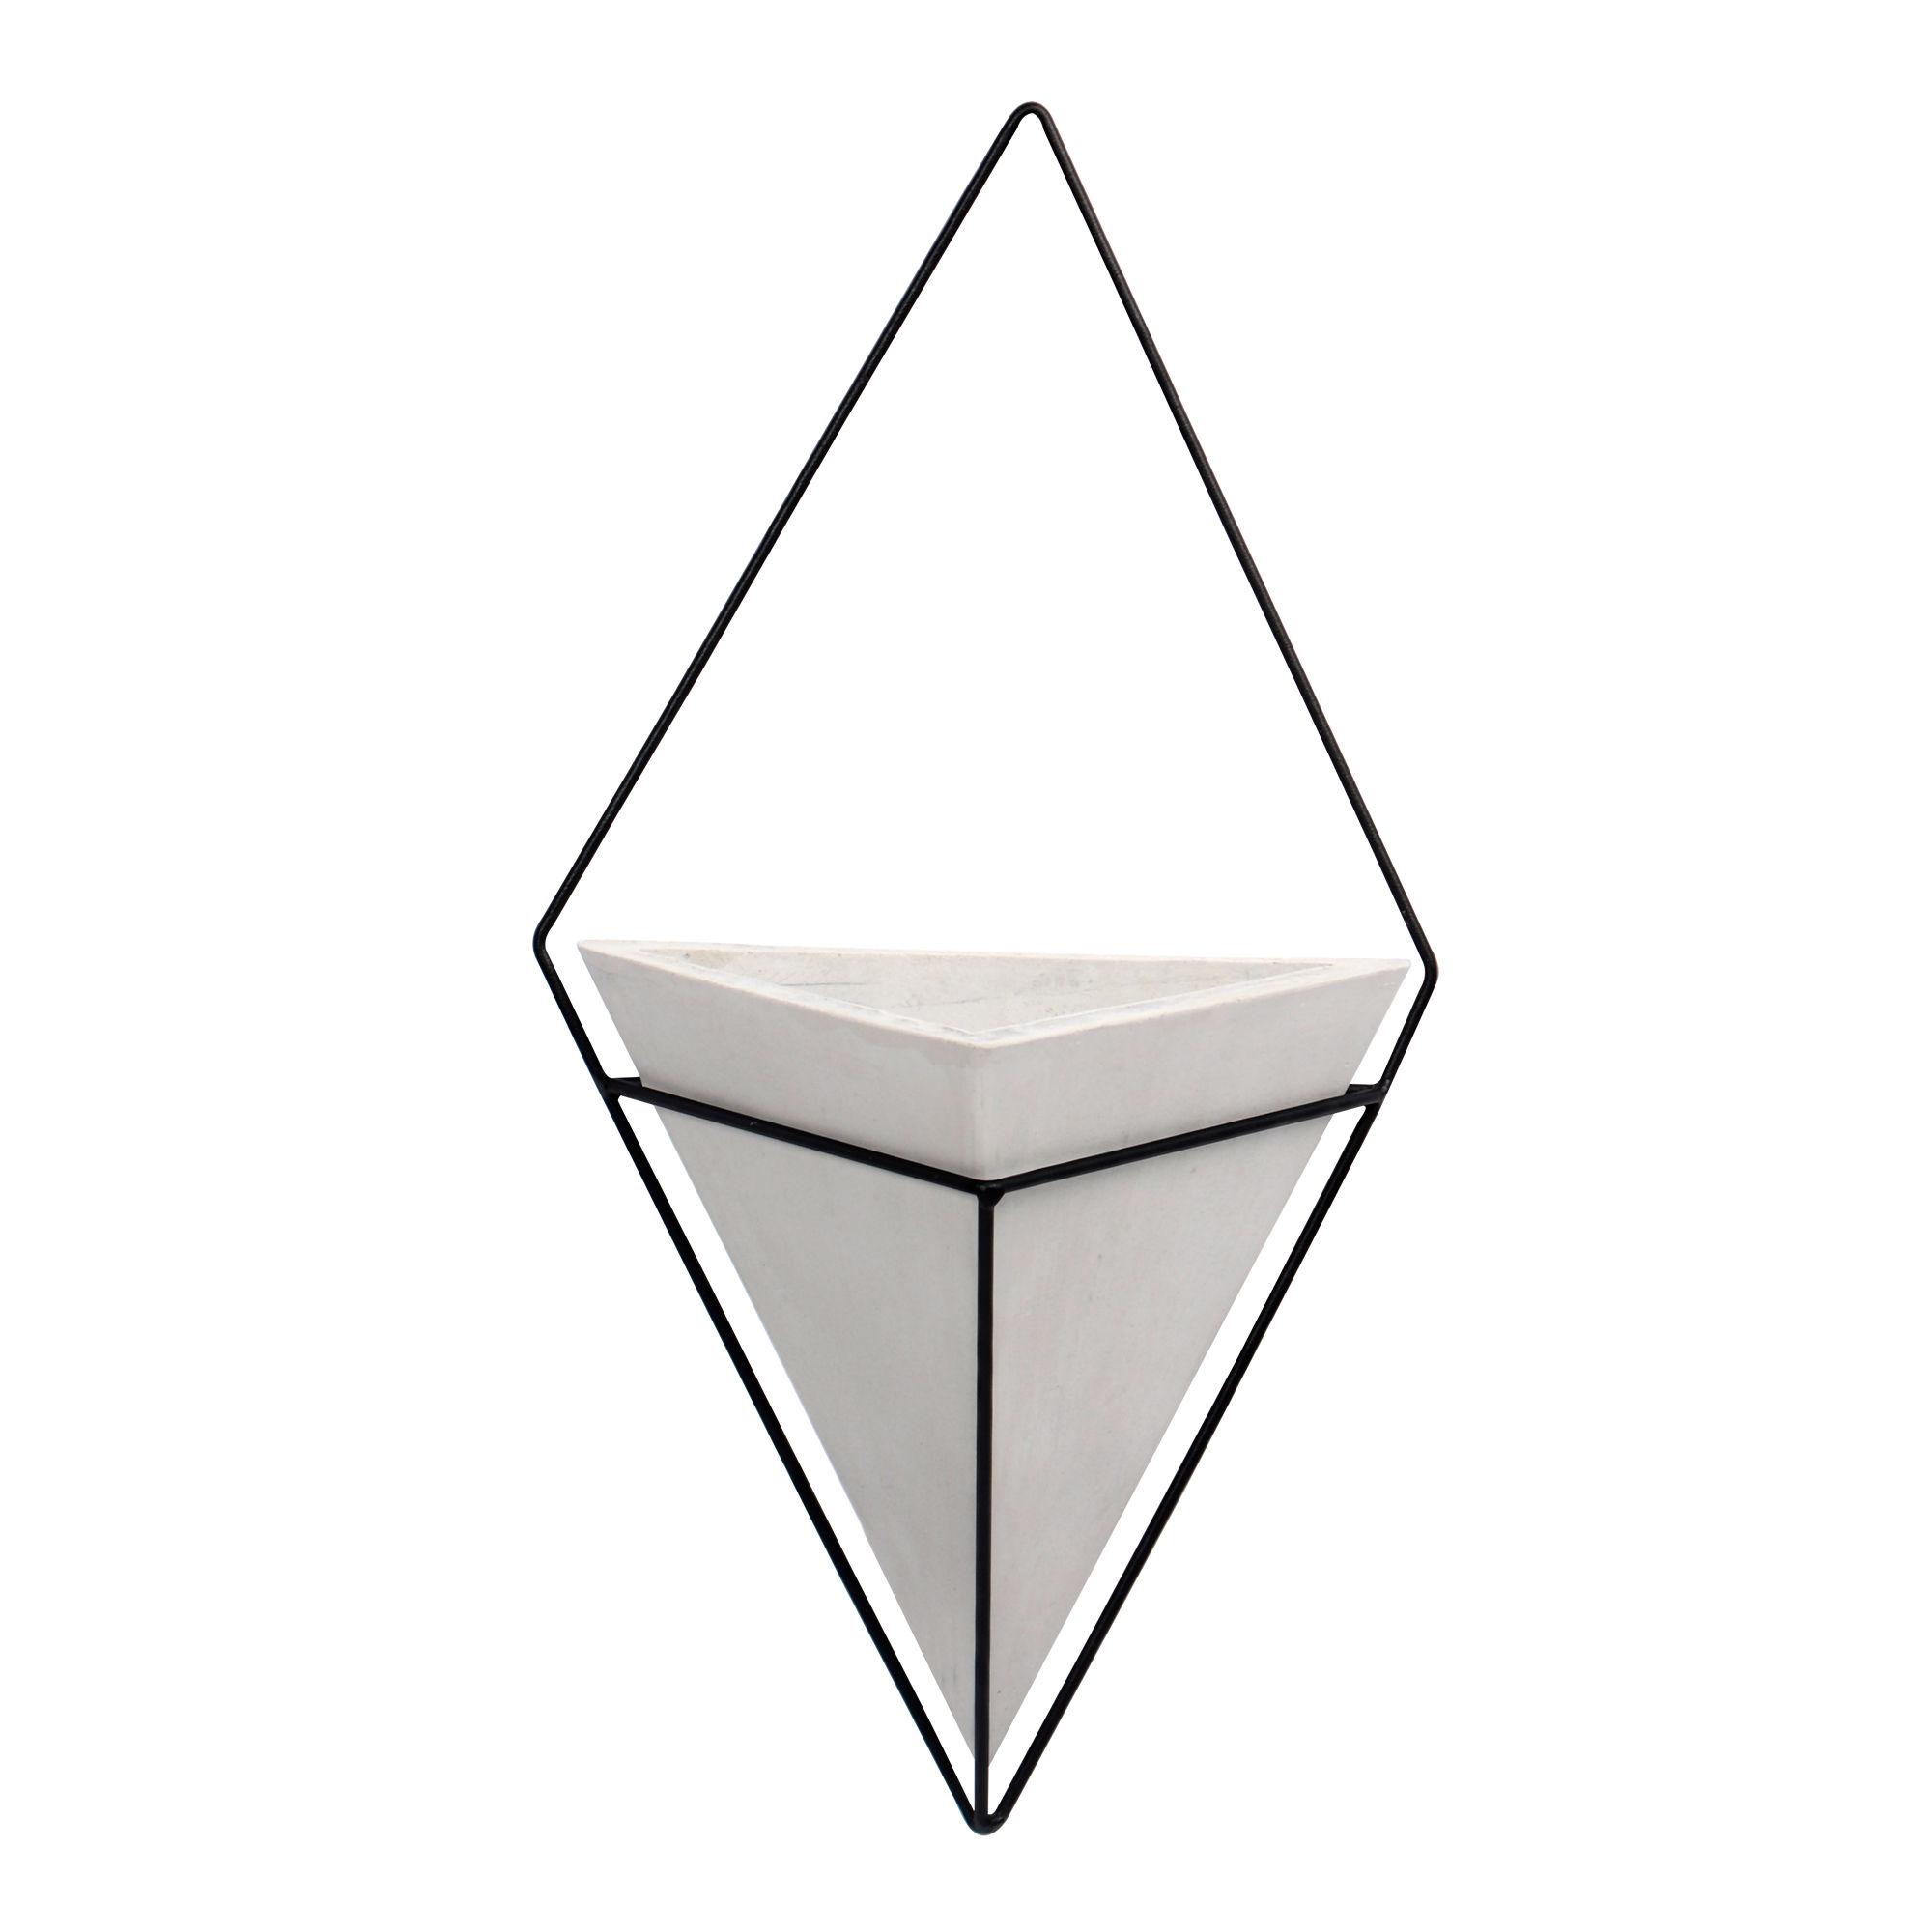 Vaso Triângular de concreto com suporte de Parede